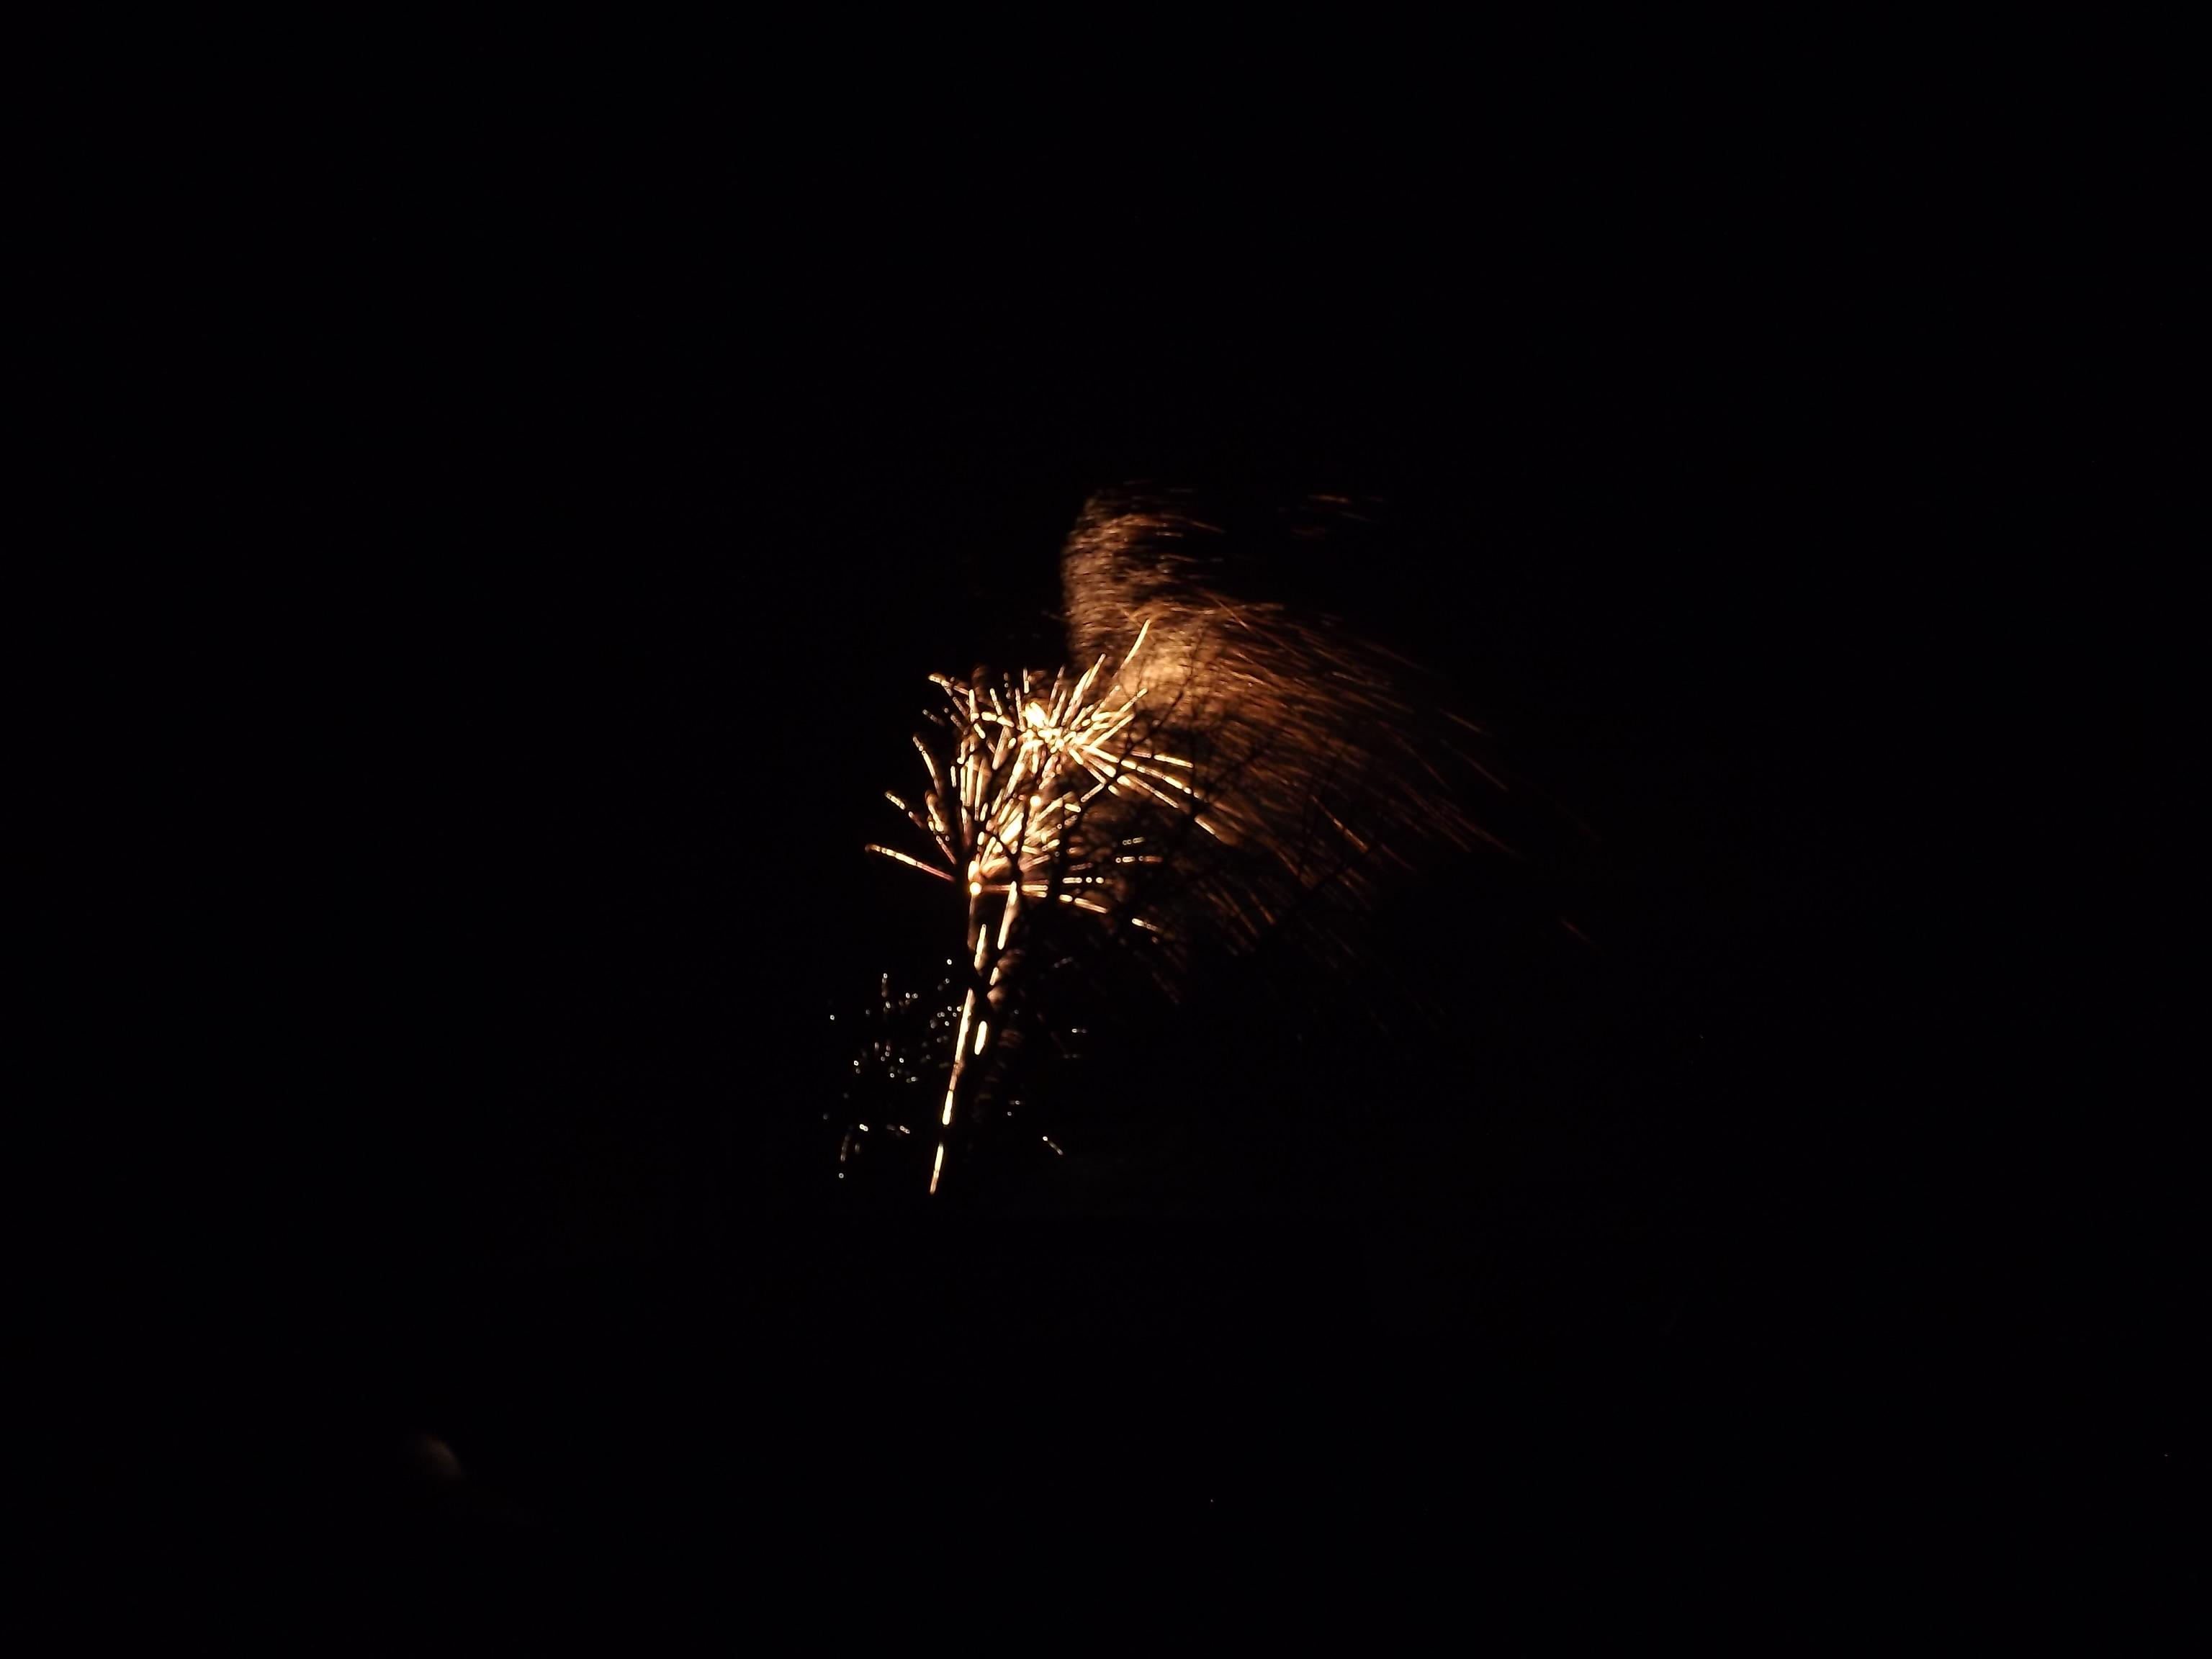 feuerwerk-explosion-4481